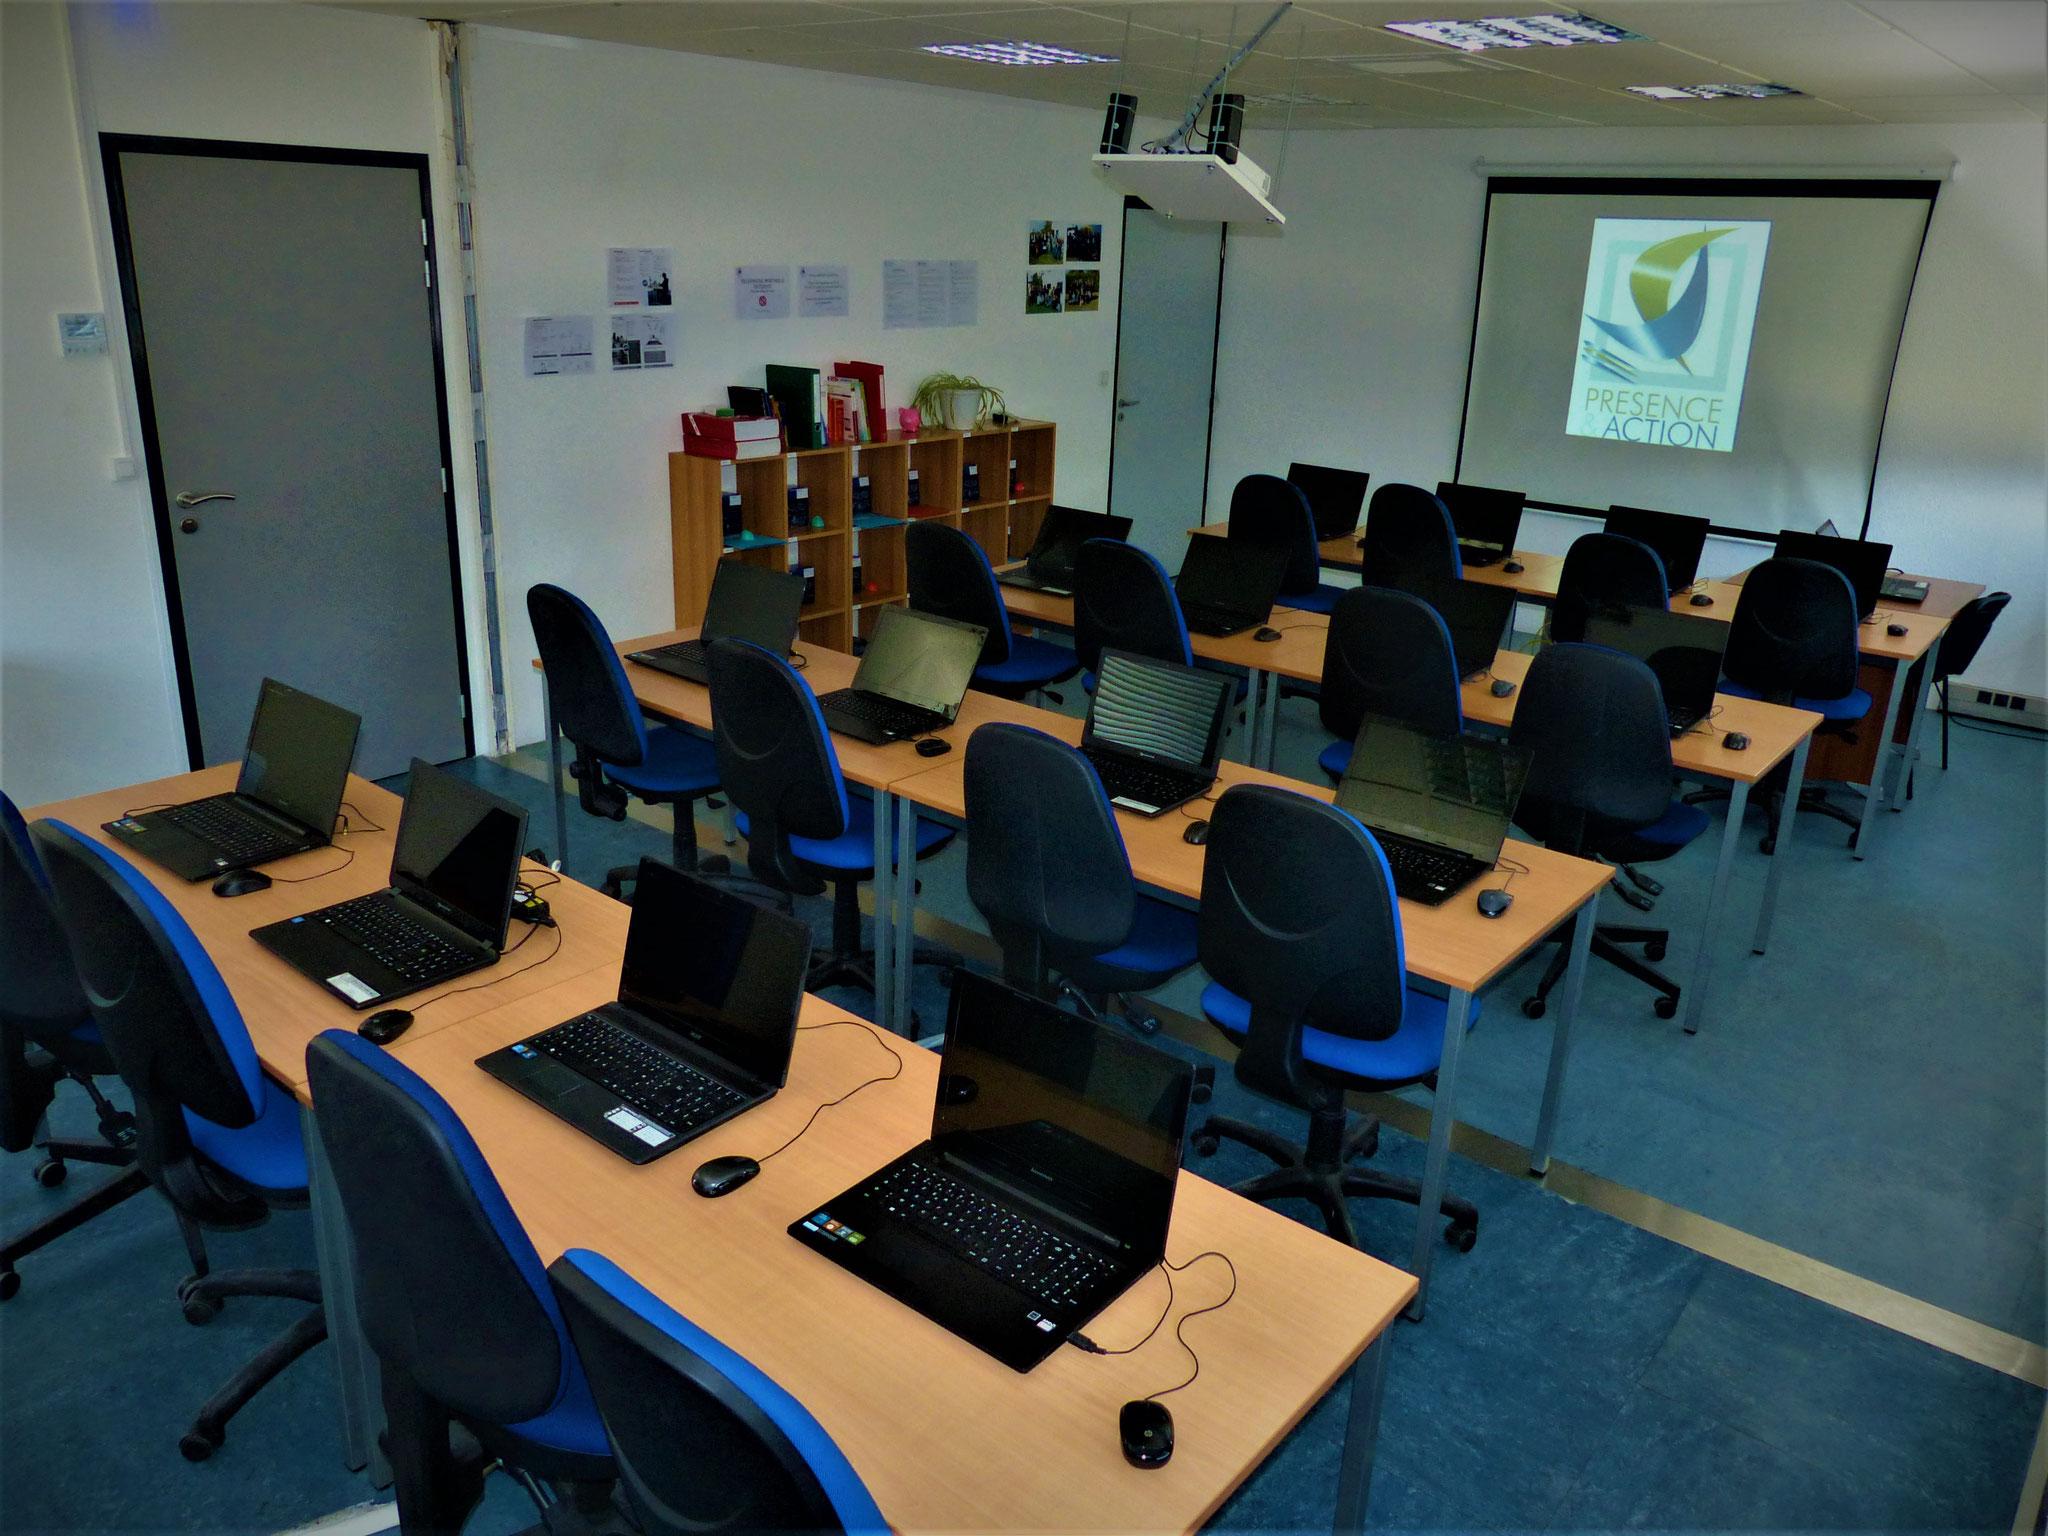 Présence et Action centre de formation professionnelle continue en